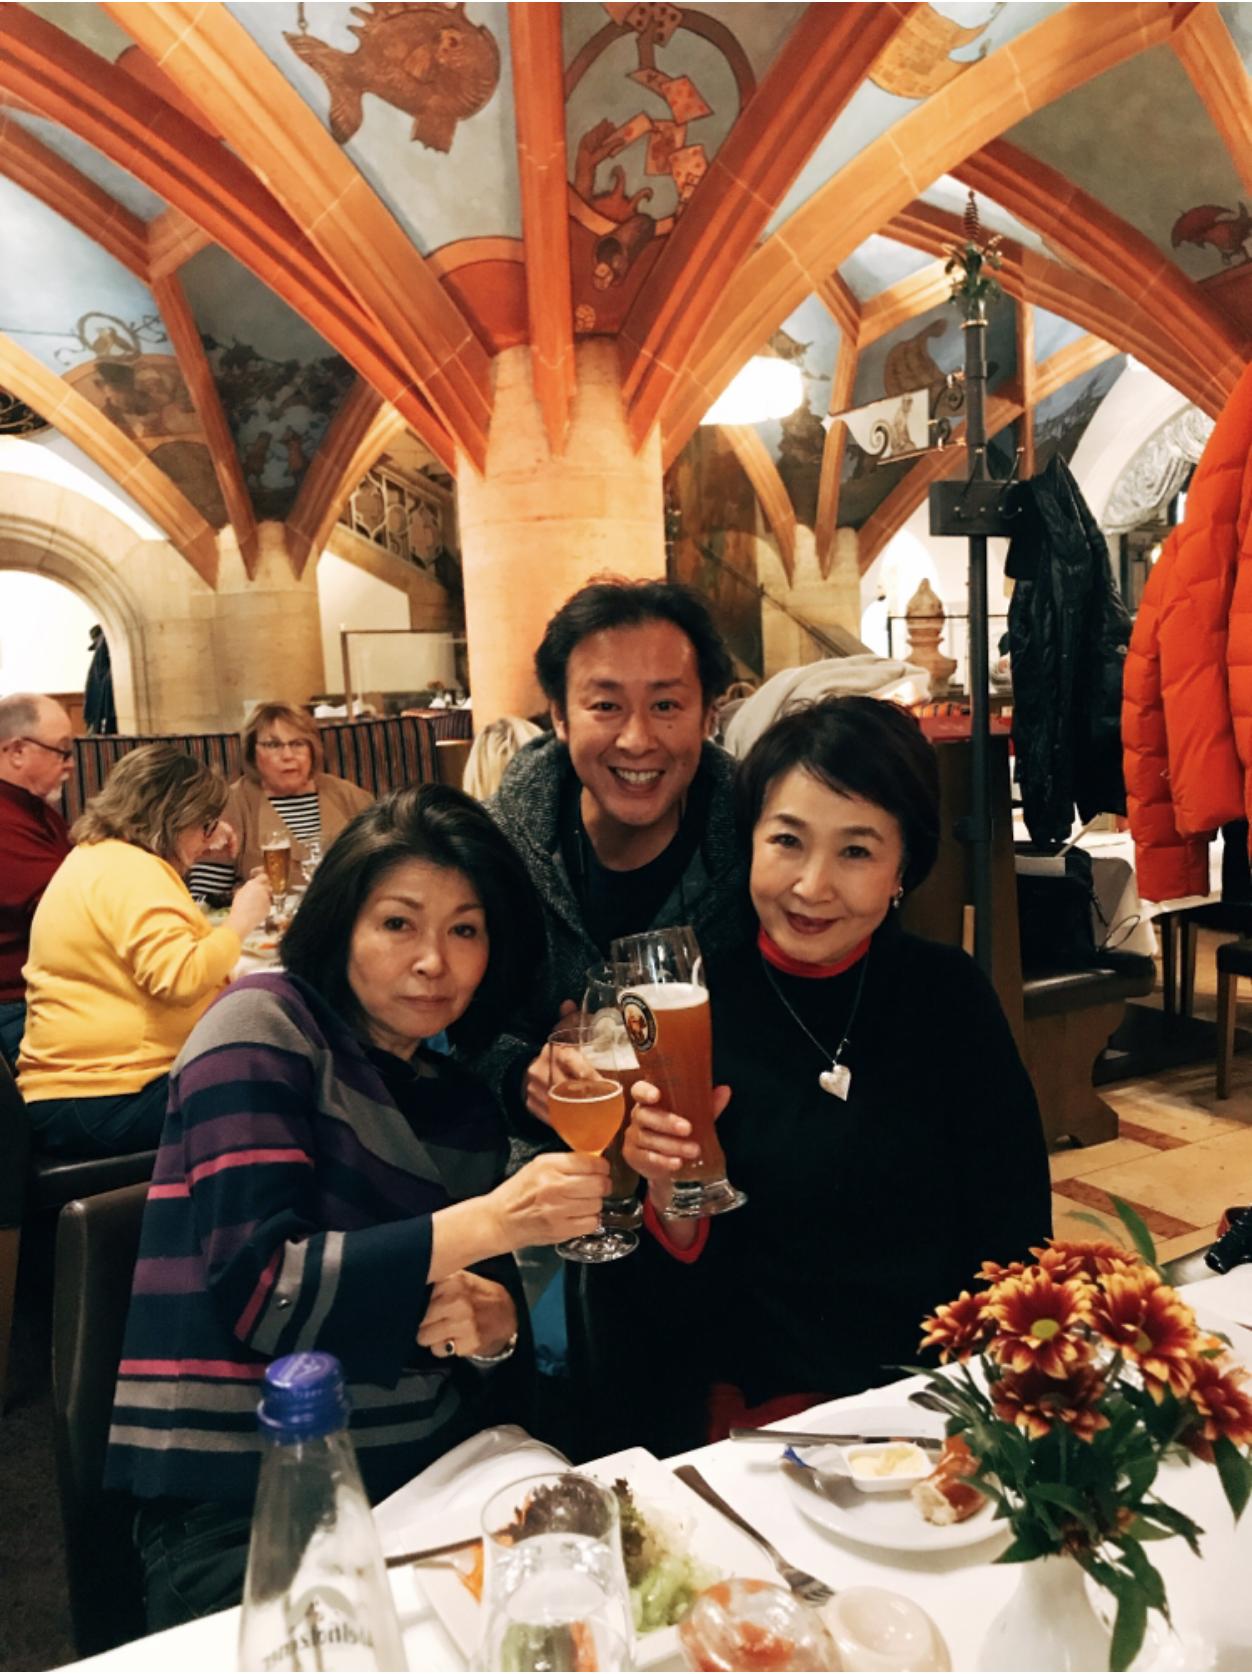 ミュンヘン市内観光 ラーツケラーで昼からビールで乾杯!5